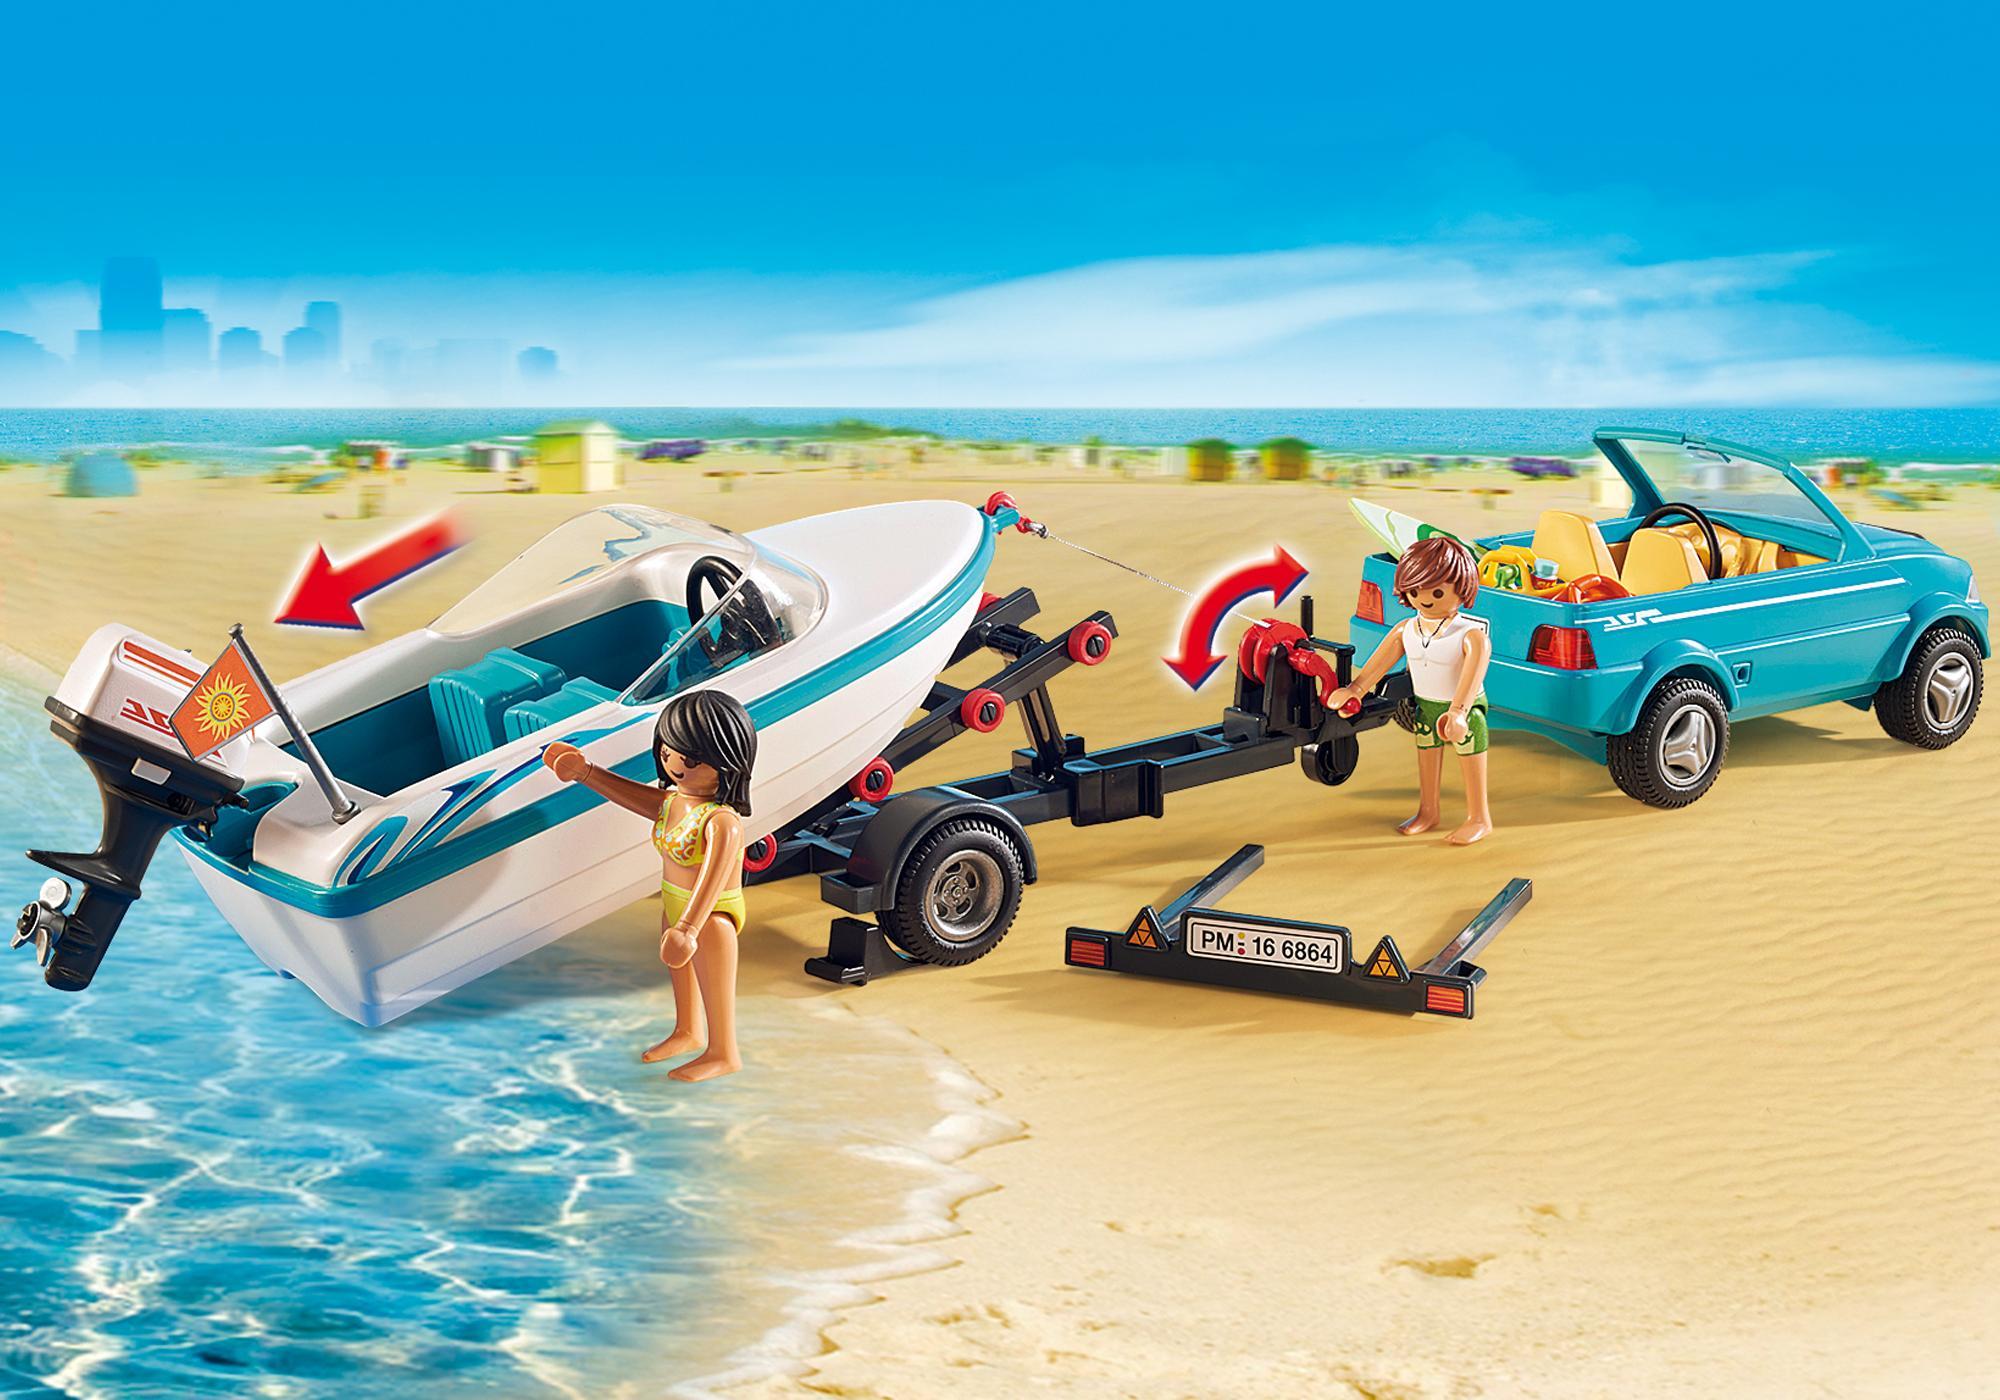 http://media.playmobil.com/i/playmobil/6864_product_extra2/Pick-up com barco